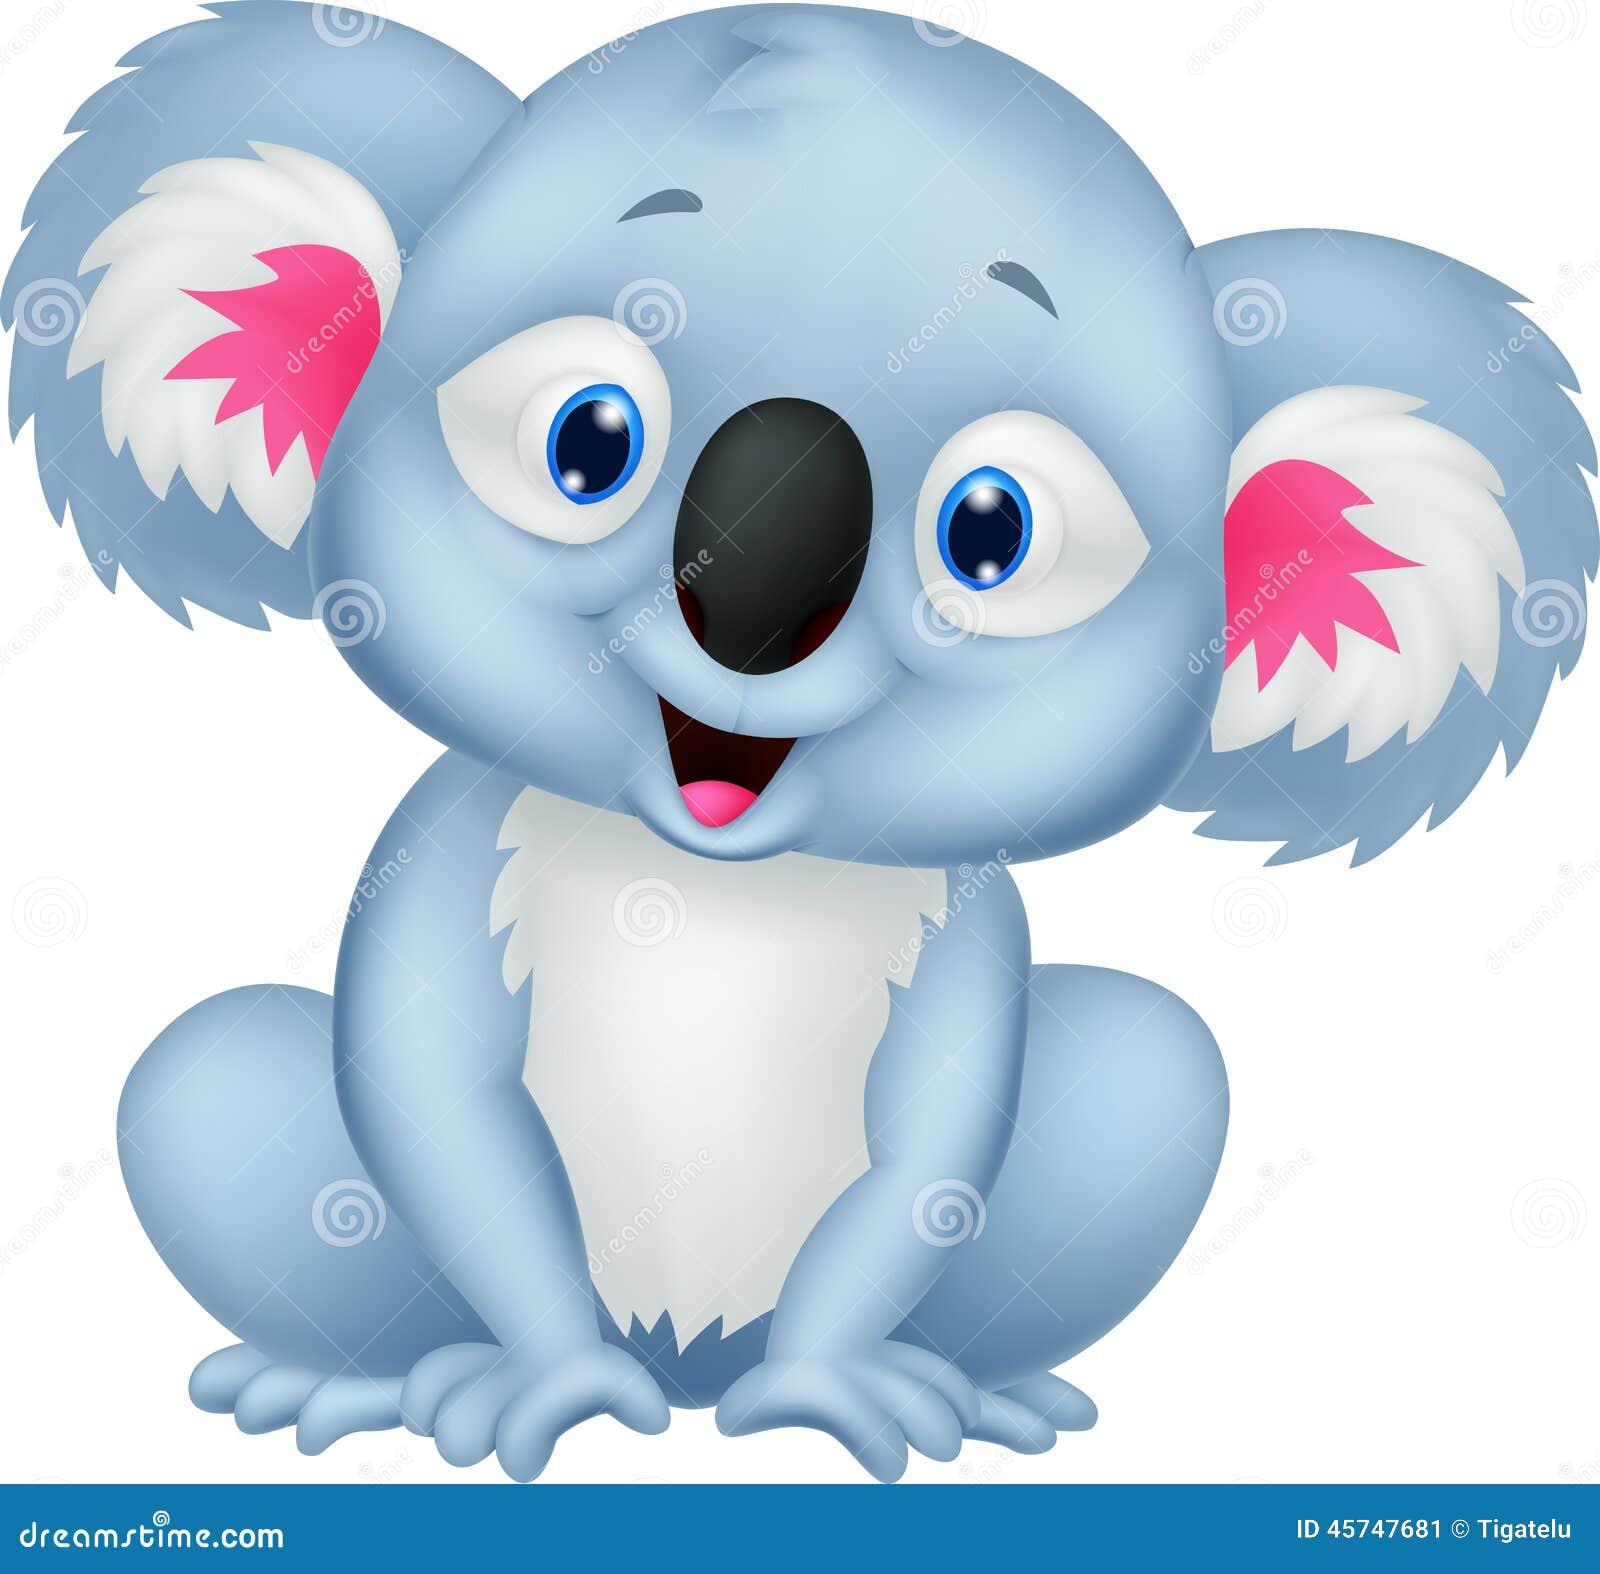 Cute Koala Cartoon Stock Vector - Image: 45747681